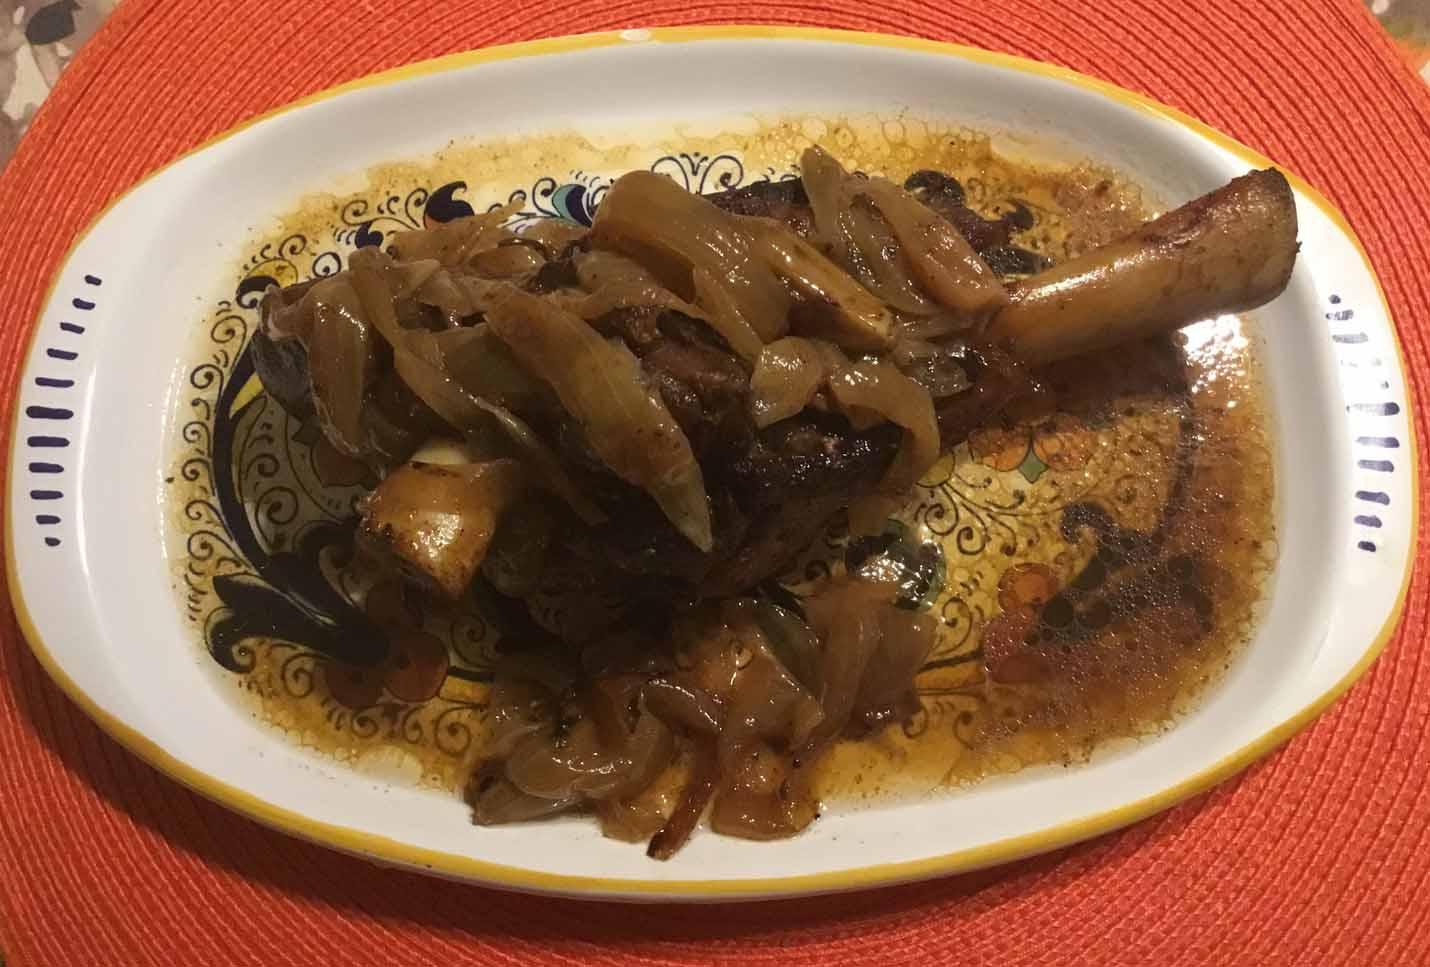 GrannyKeto.com Recipes: Roasted Lamb Shanks